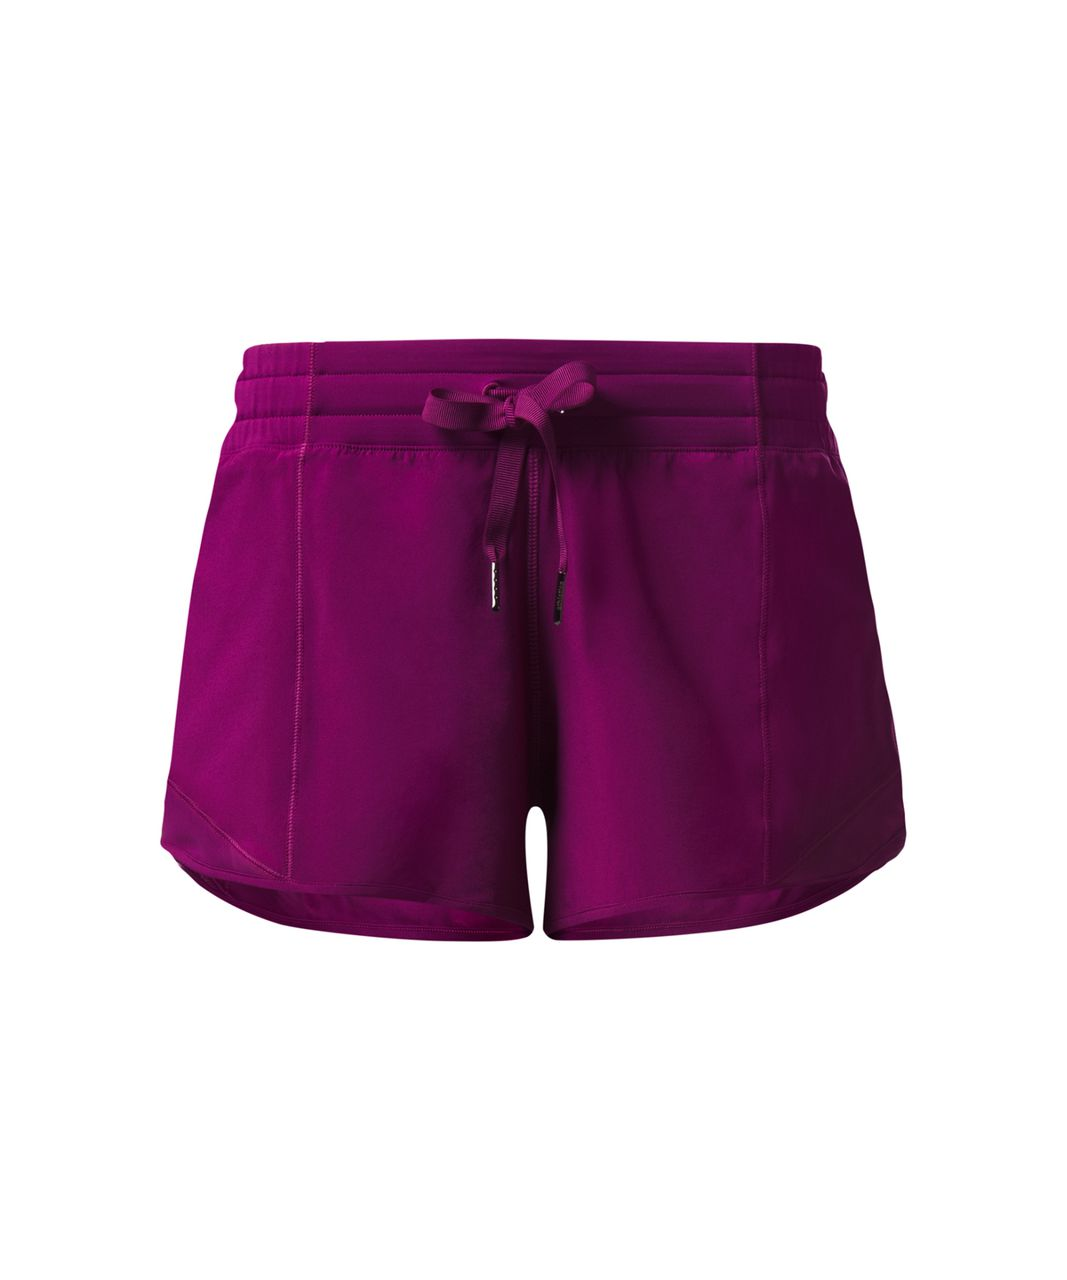 Lululemon Hotty Hot Short (Long) - Deep Fuschia